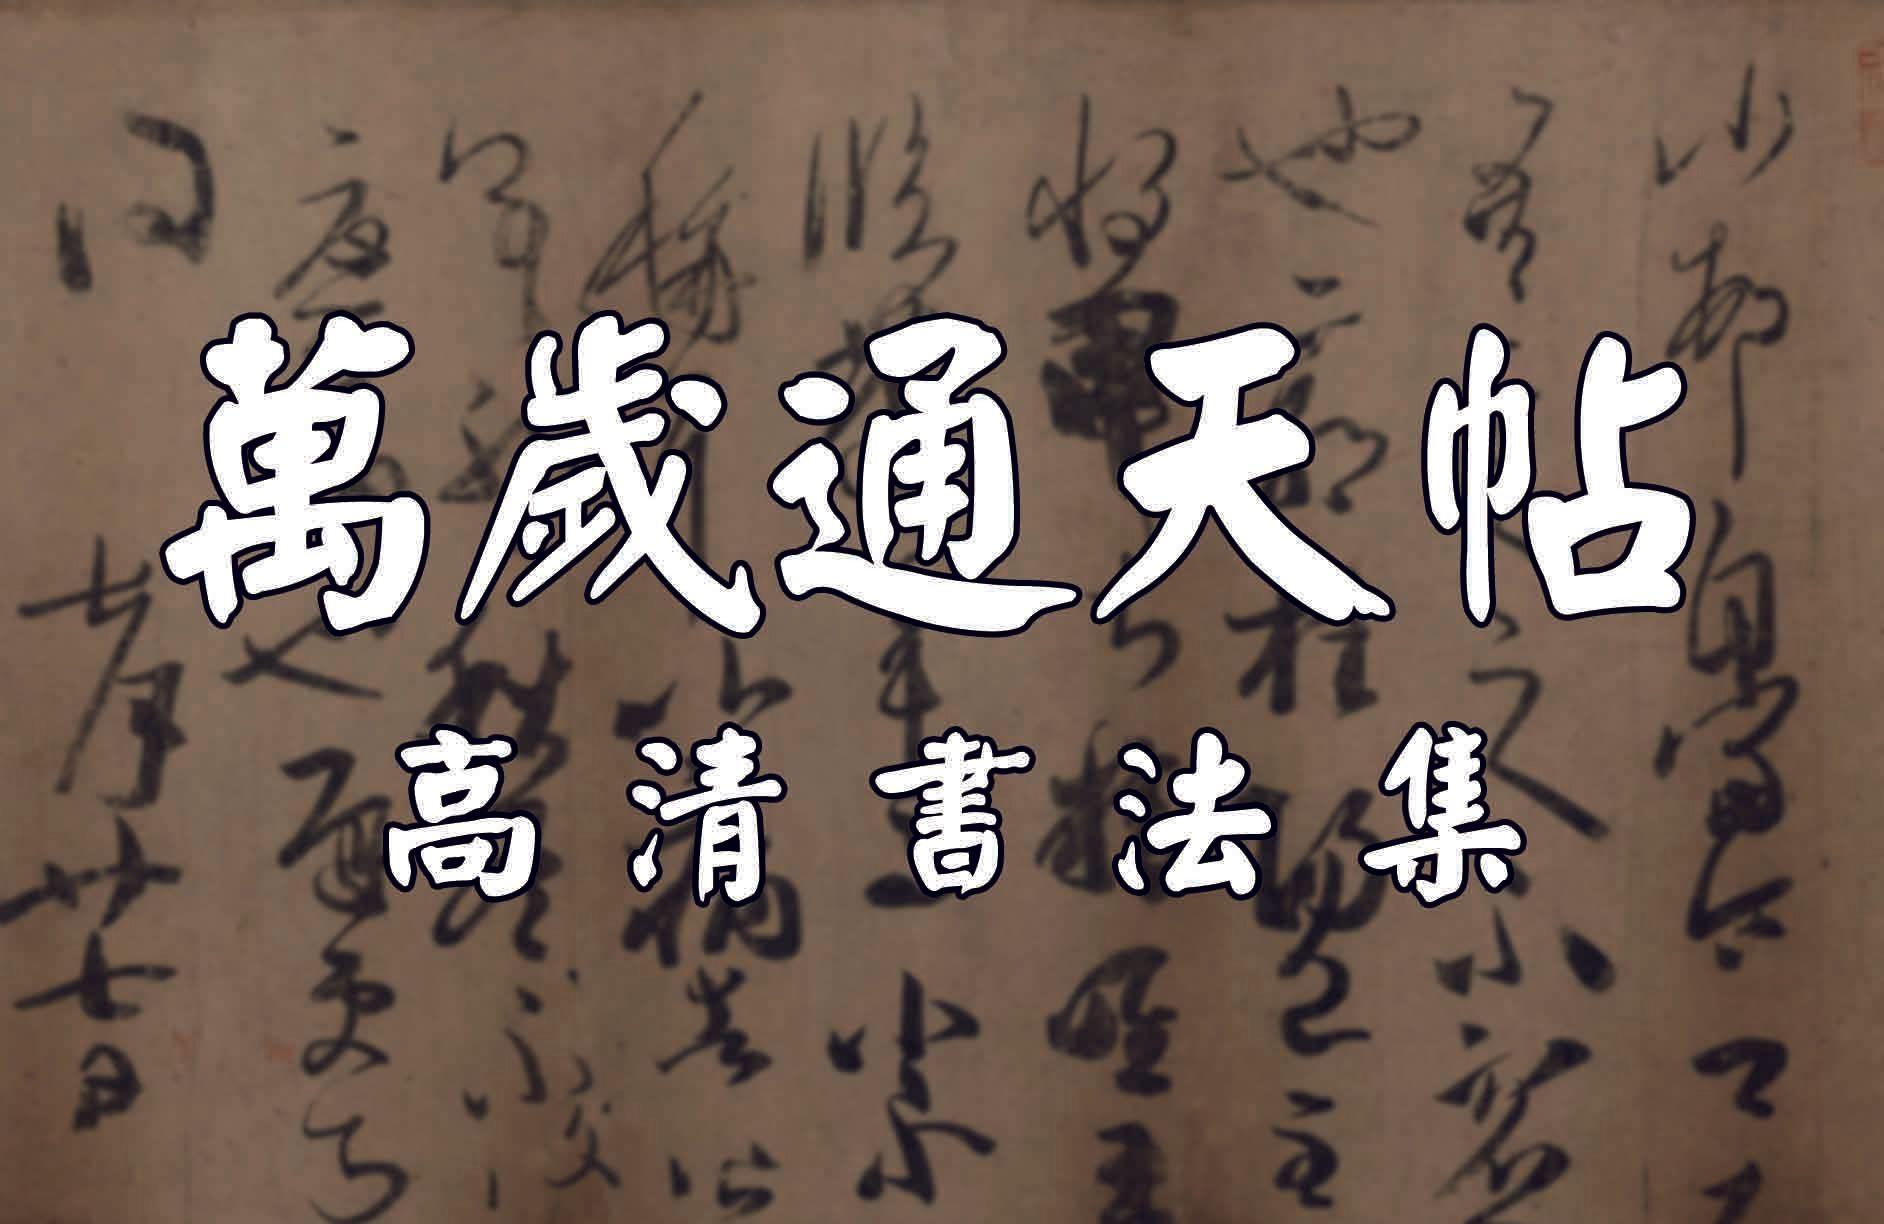 《万岁通天帖》经历了火烧,能够得以保存,乃书法之幸!